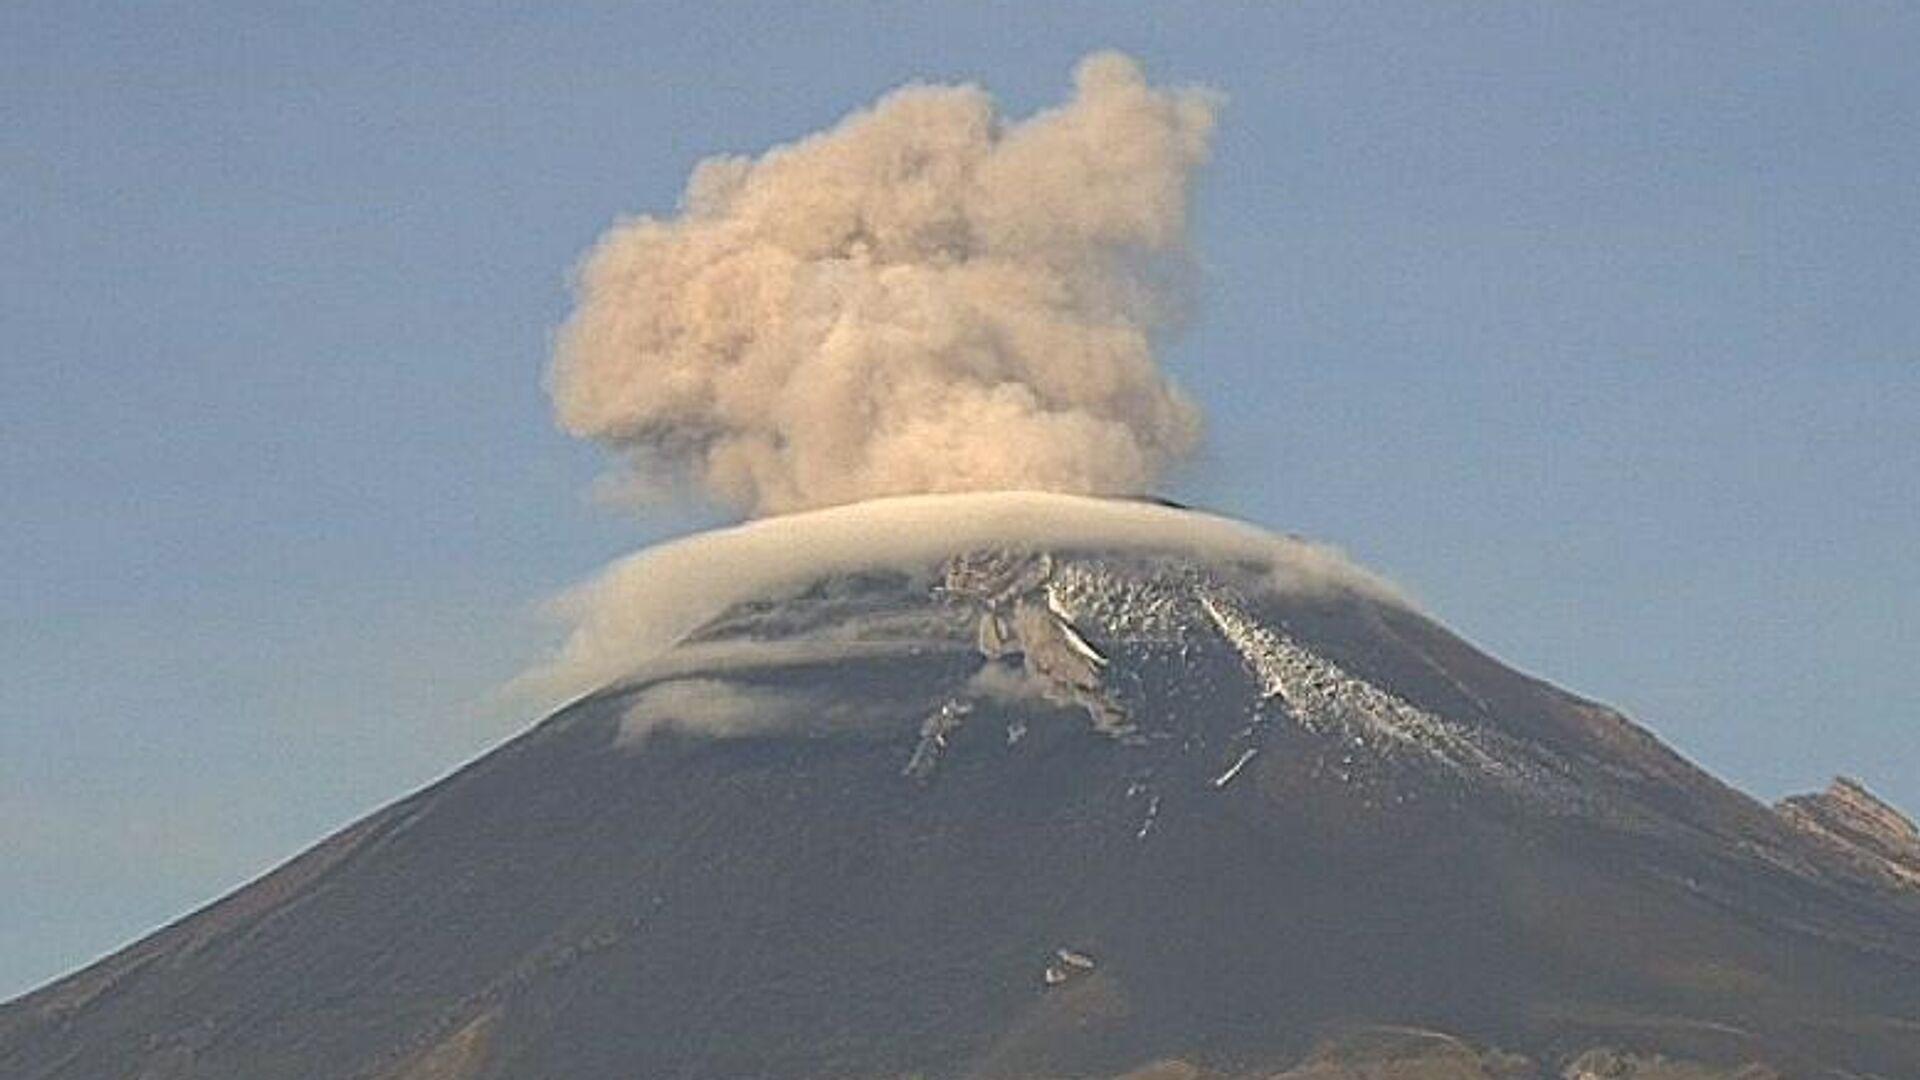 Meksika'daki Popocatepetl Yanardağı günün erken saatlerinde faaliyete geçti. - Sputnik Türkiye, 1920, 27.09.2021